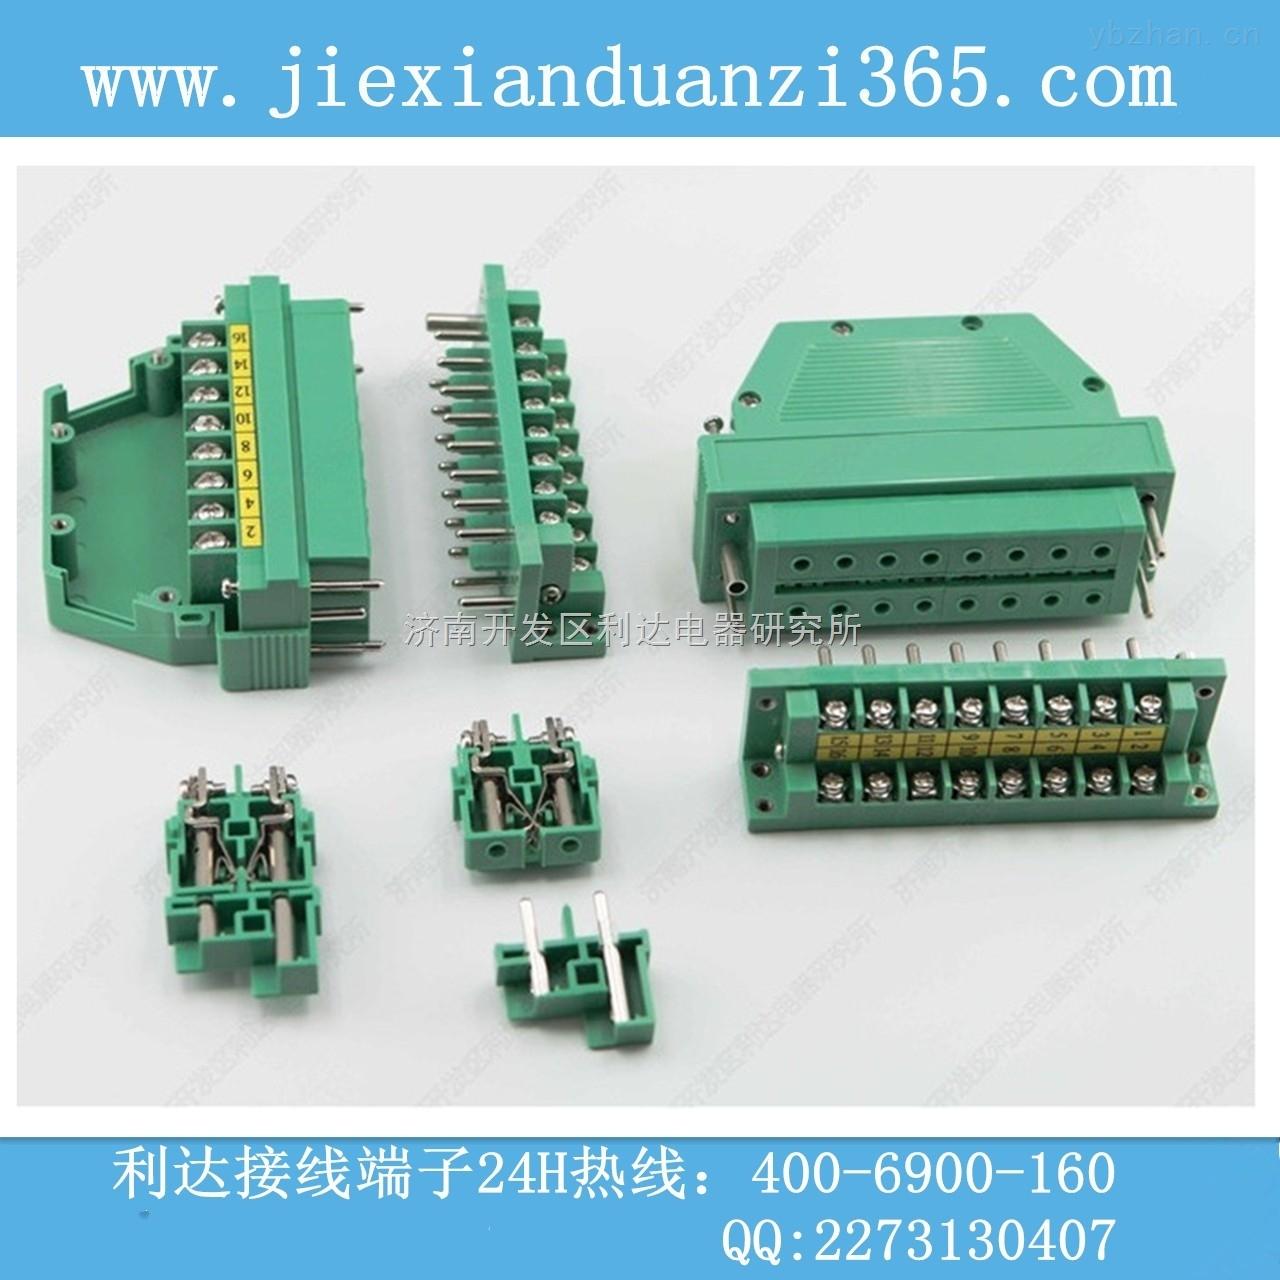 线簧插孔接线端子CS6-12T/Z简介 插孔内部多线与插针接触,这就从根本上解决了常规插拔式端子,2点接触导致电阻过小,电流过大发热的问题。这项技术源自158军工厂。 这款插拔式接线端子是电力系统自动化上面,专用的继电保护连接器,采用新型插座与插头及整体式线簧插孔两项最新专利,具有高可靠电接触性能,结构新颖,使用方便,特点明显,插头与插座分离4mm时插座自动短接。 本产品主要用于电力系统继电保护控制柜,屏或外部电路不允许开路的电控设备及其他工业自动化控制柜上的器连接,可根据用户要求组成2、4、614、1